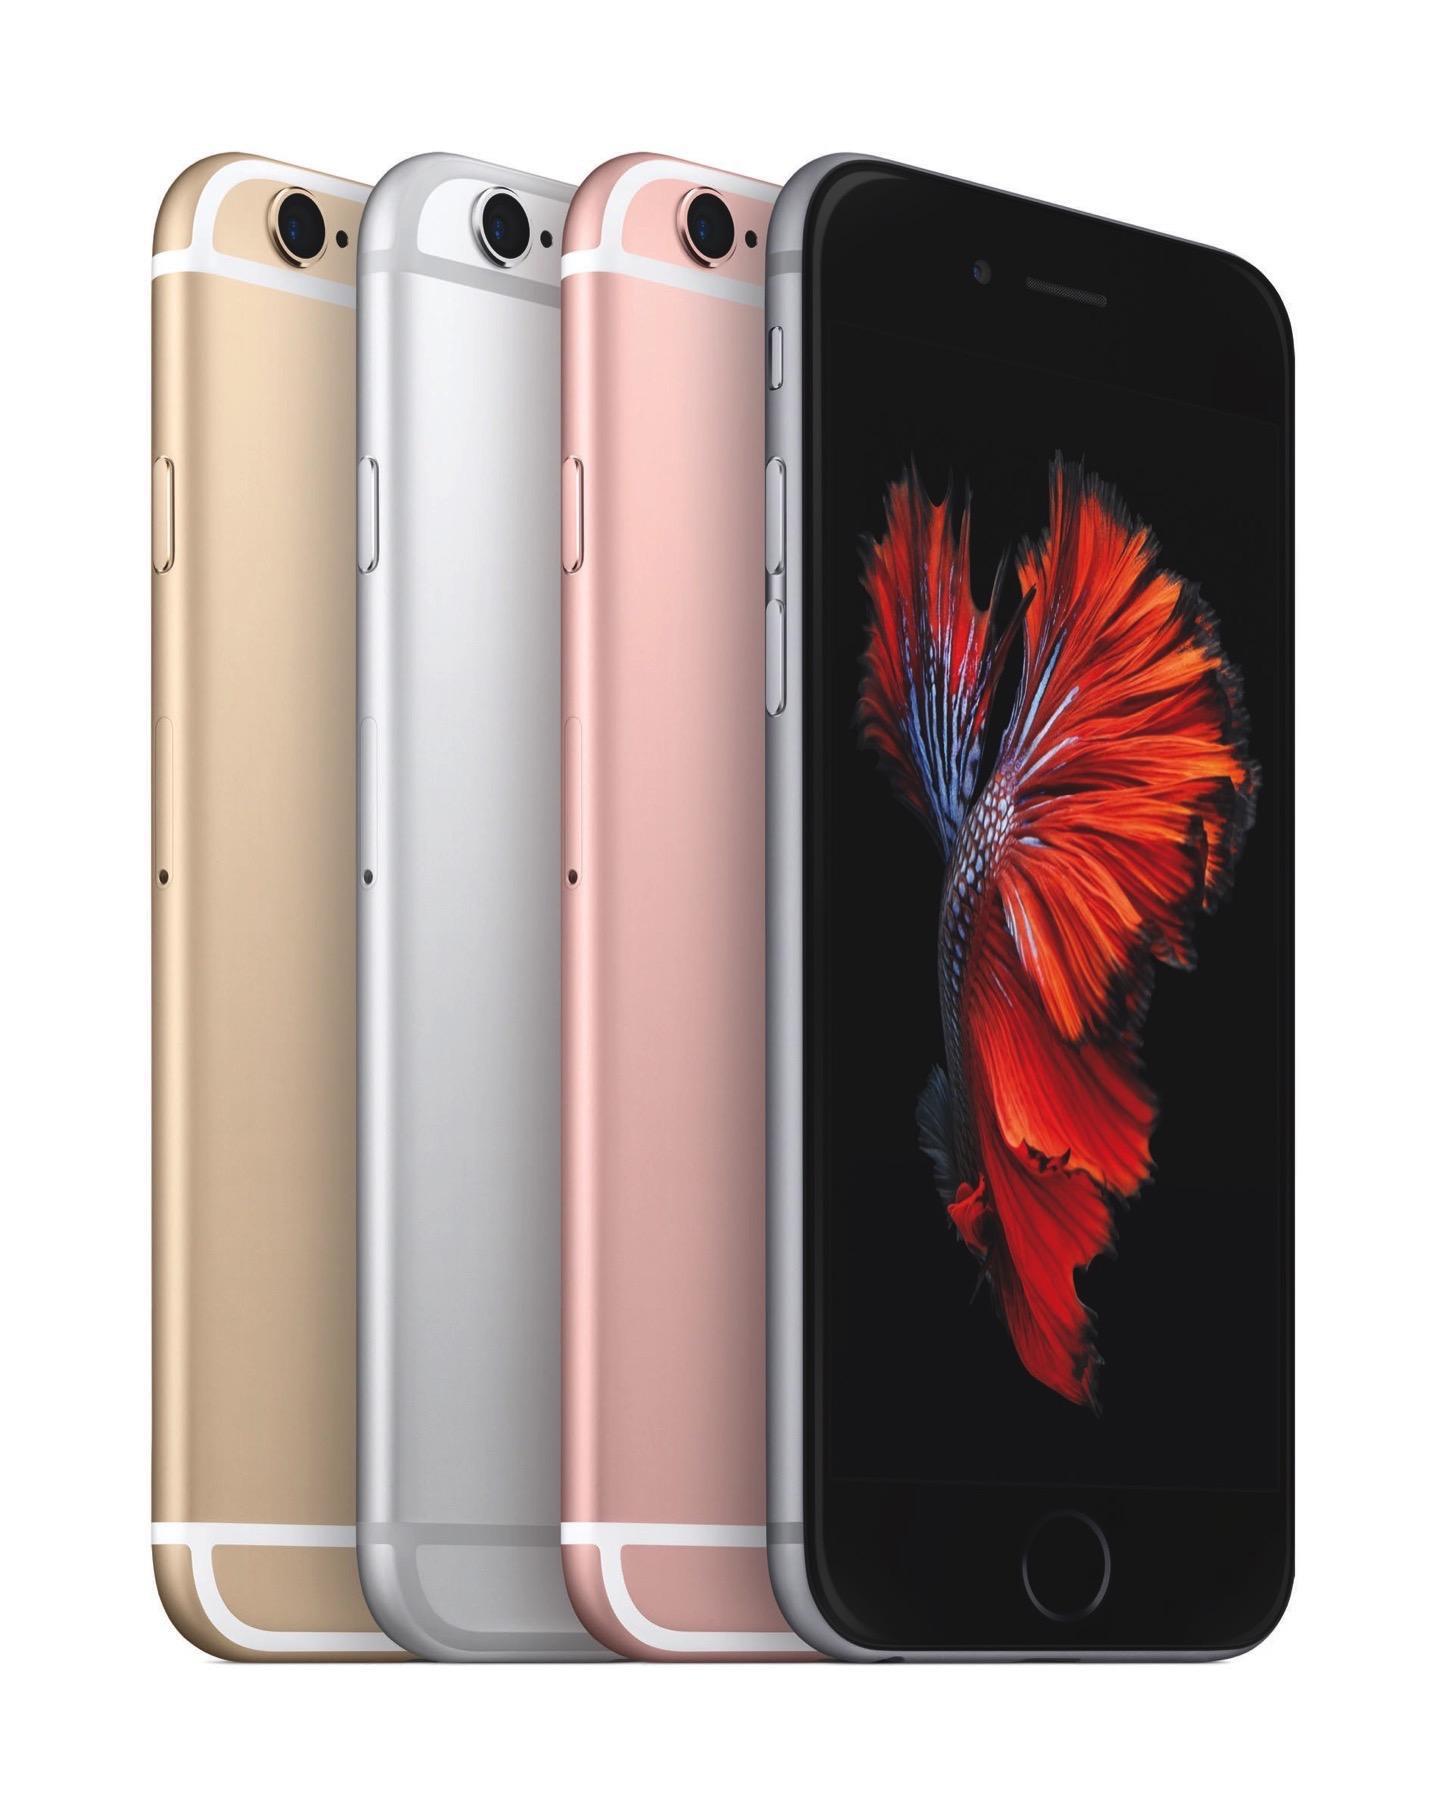 iphone 6s64gb – hàng nhập khảu